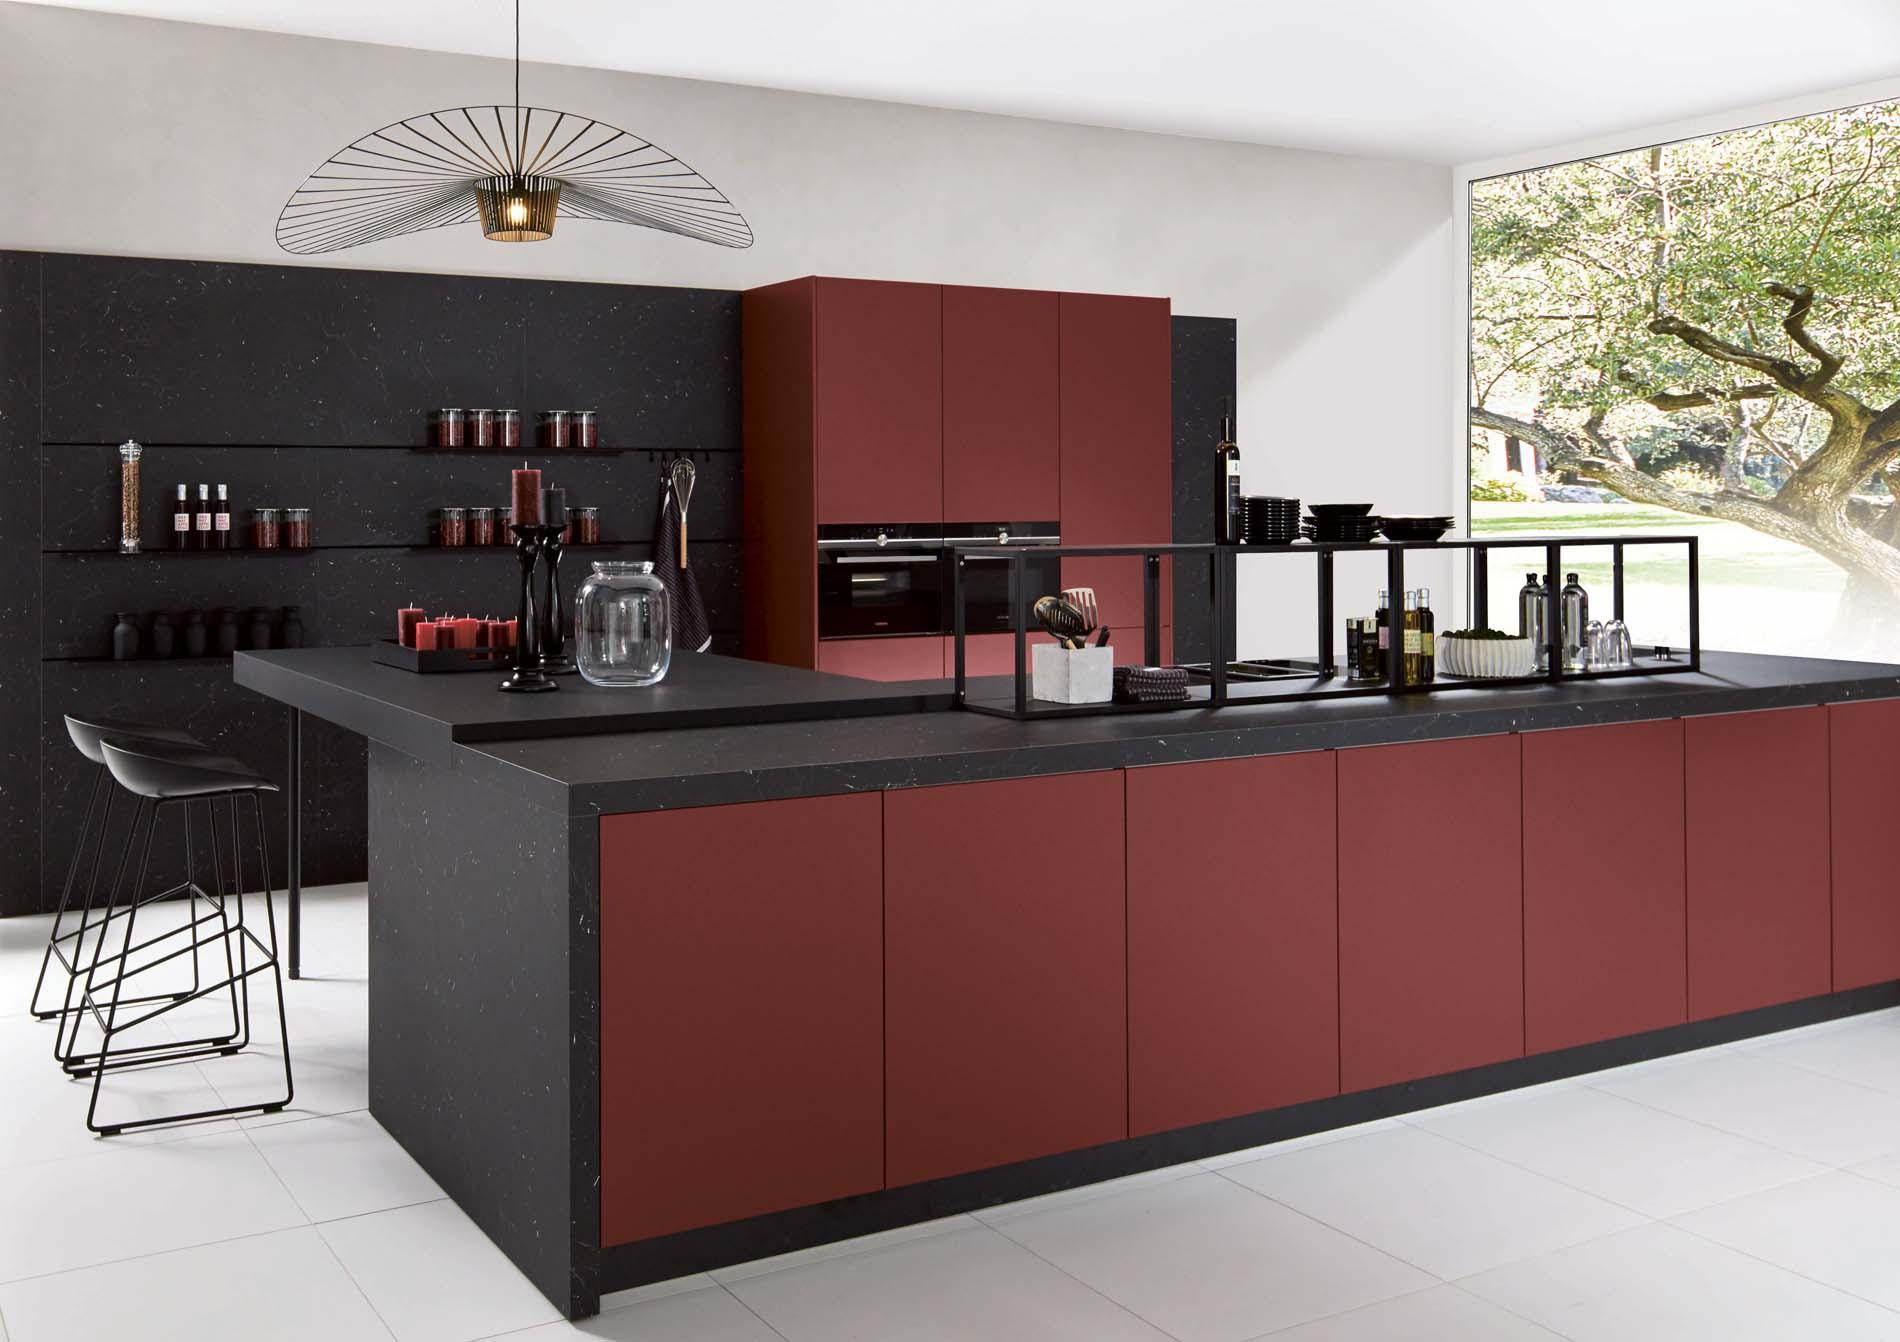 Moderne keukens nieuwe keuken kopen? aswa keukens